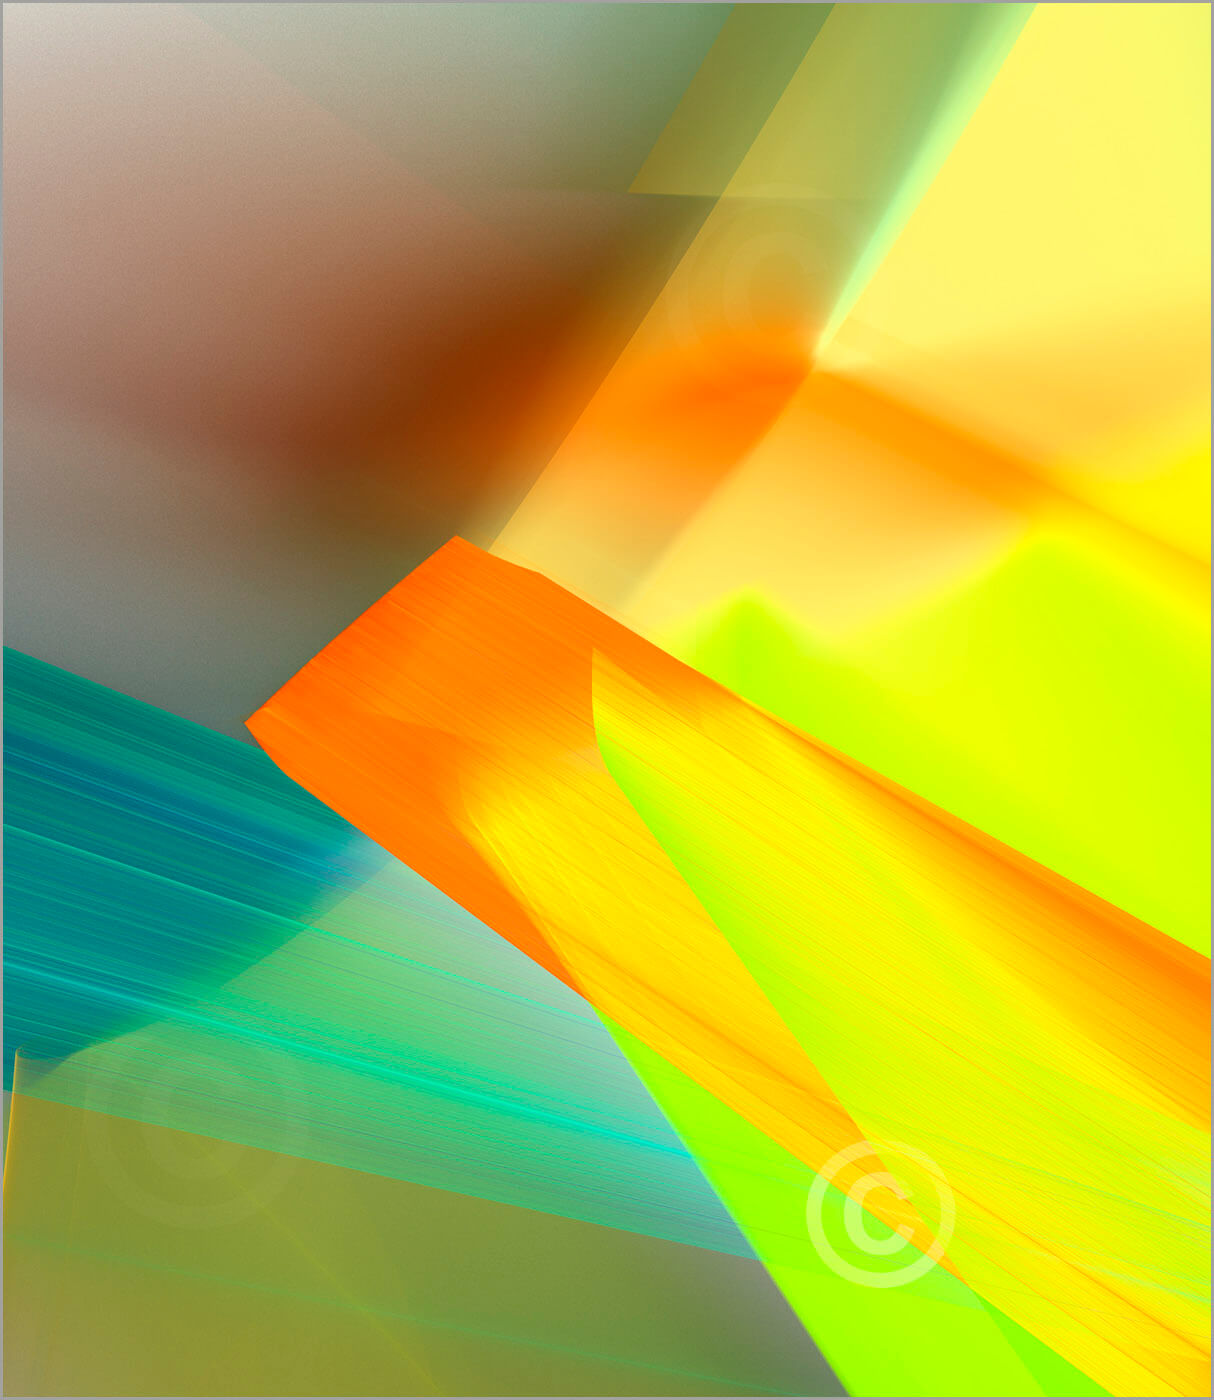 Colorshapes_F2_9870_M